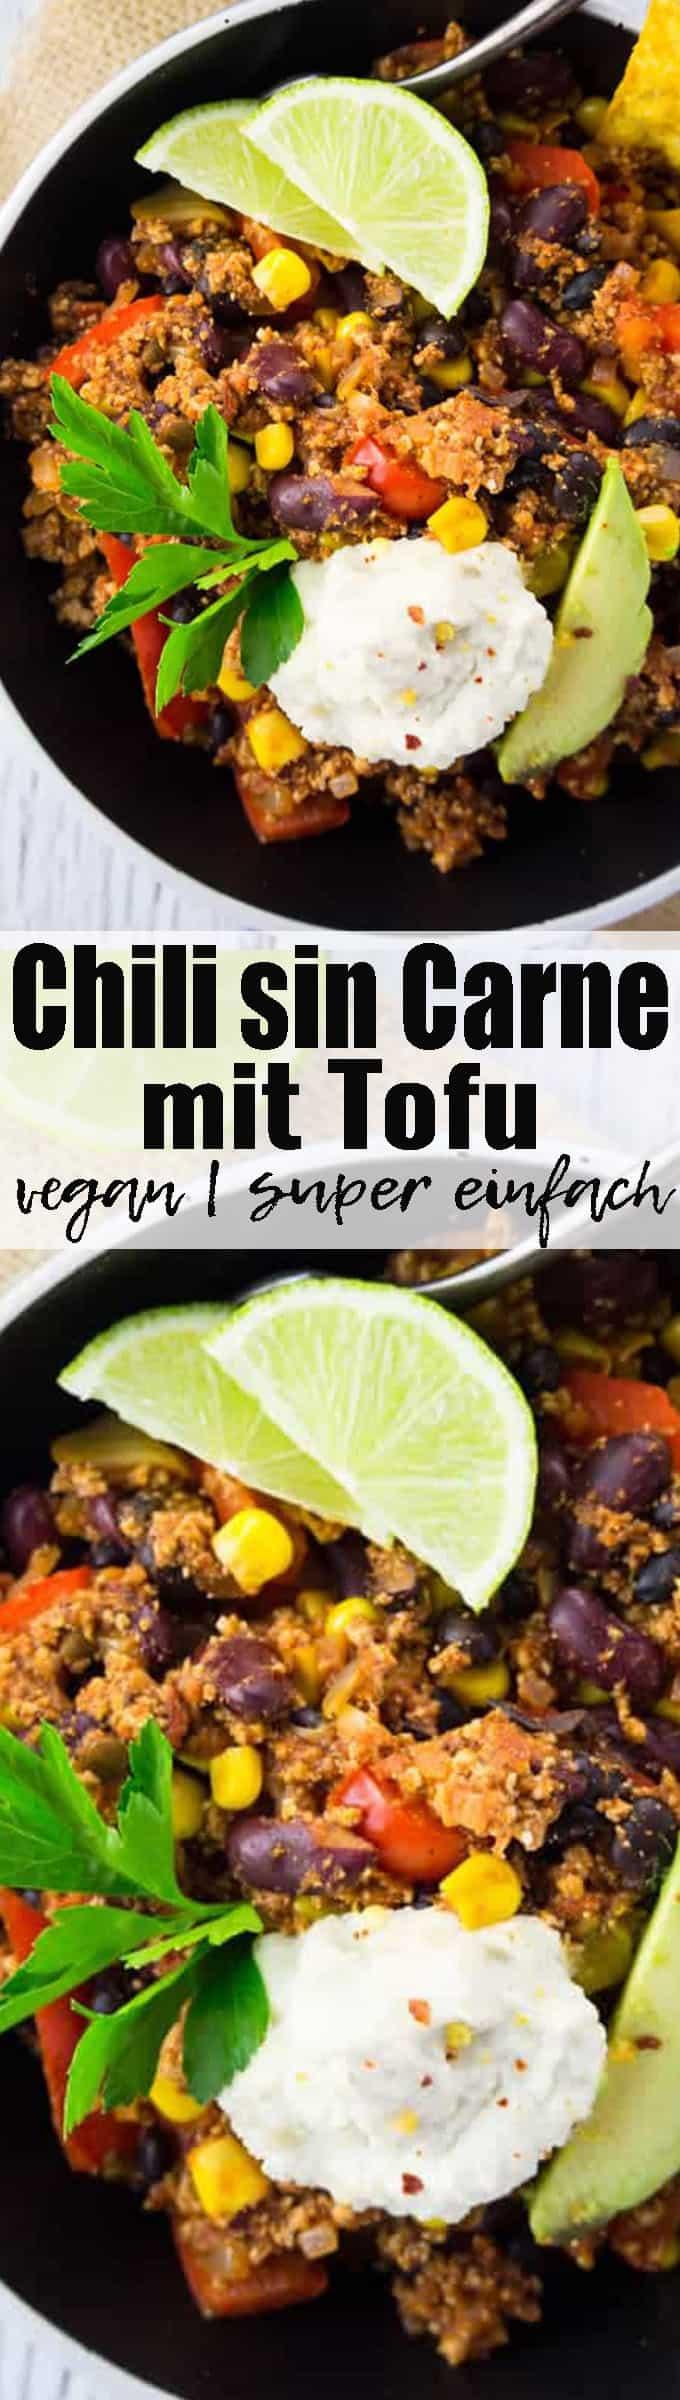 Dieses Chili sin Carne mit Tofu und Kidneybohnen ist eine richtige Proteinbombe! Vegan und super einfach zuzubereiten! Gesunde Rezepte können so lecker sein! Mehr vegane Rezepte auf veganheaven.de !